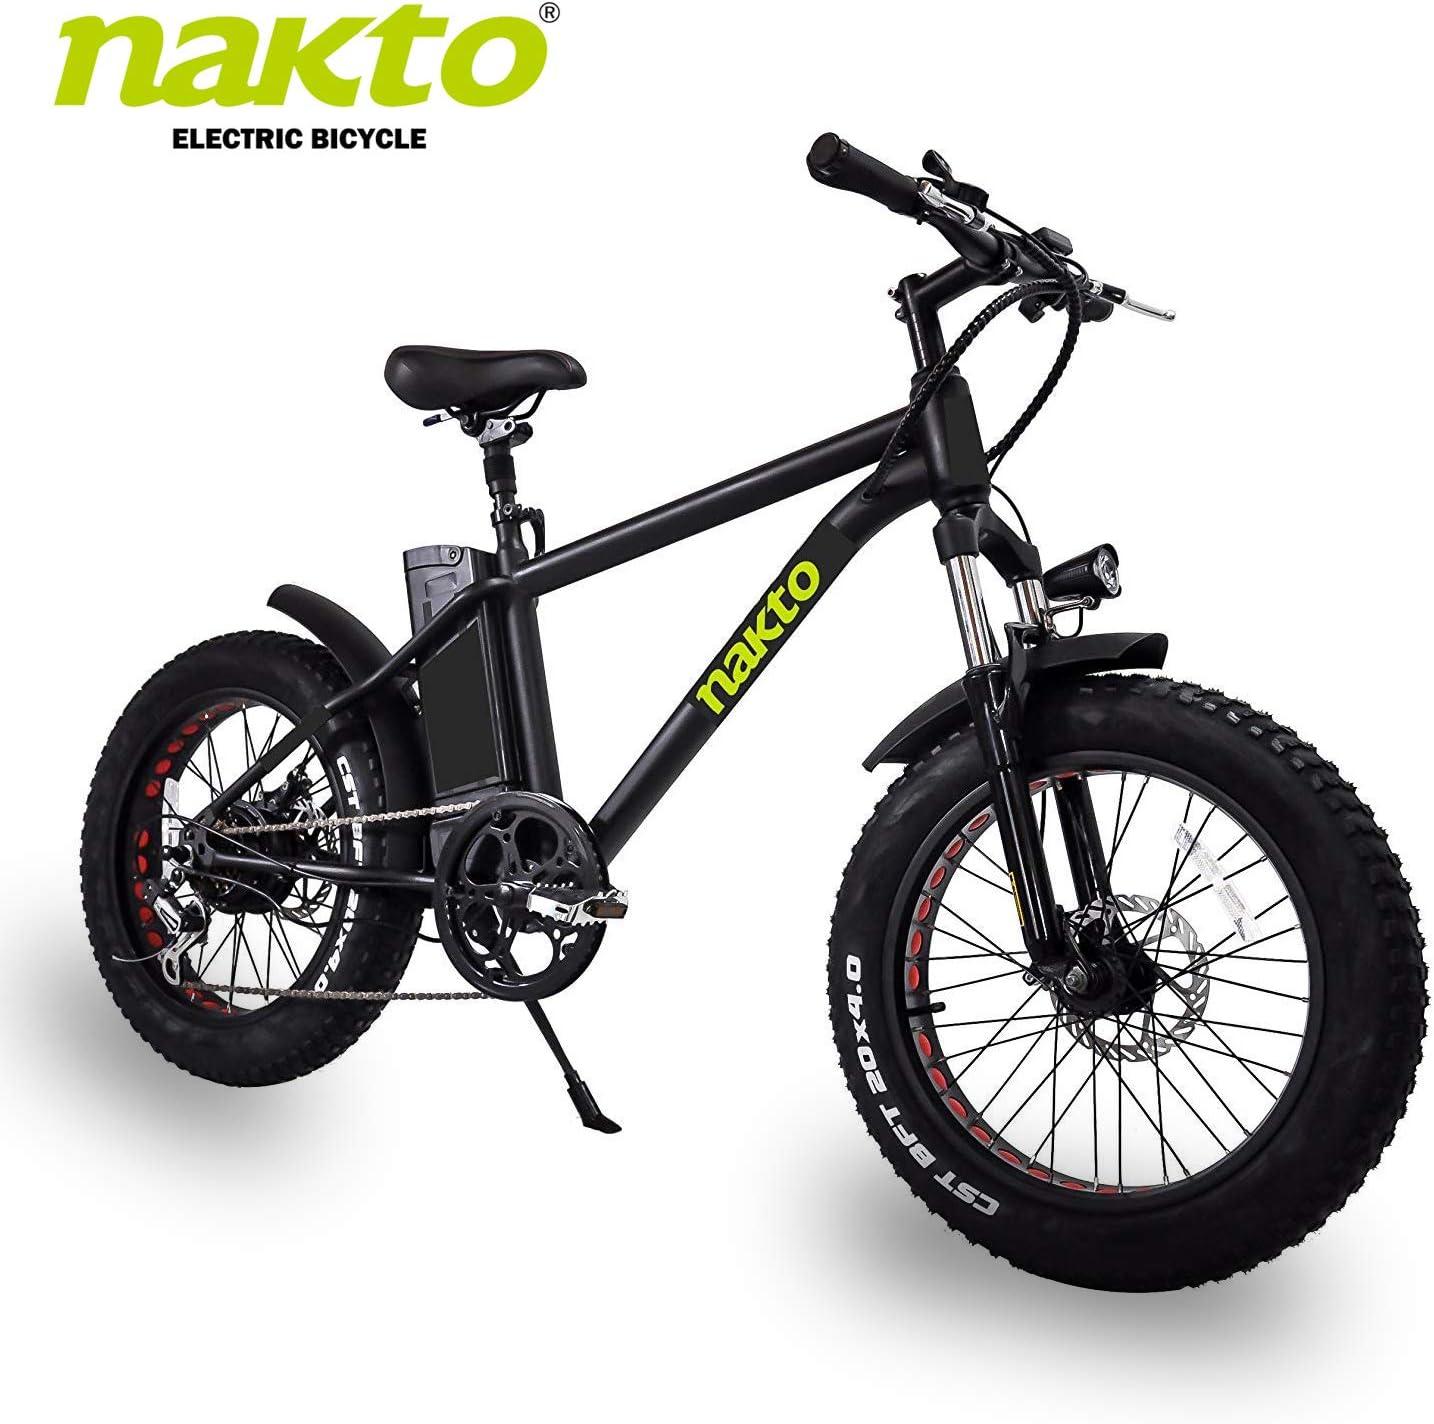 Nakto bicicleta eléctrica de montaña con batería de litio de 300 W ...